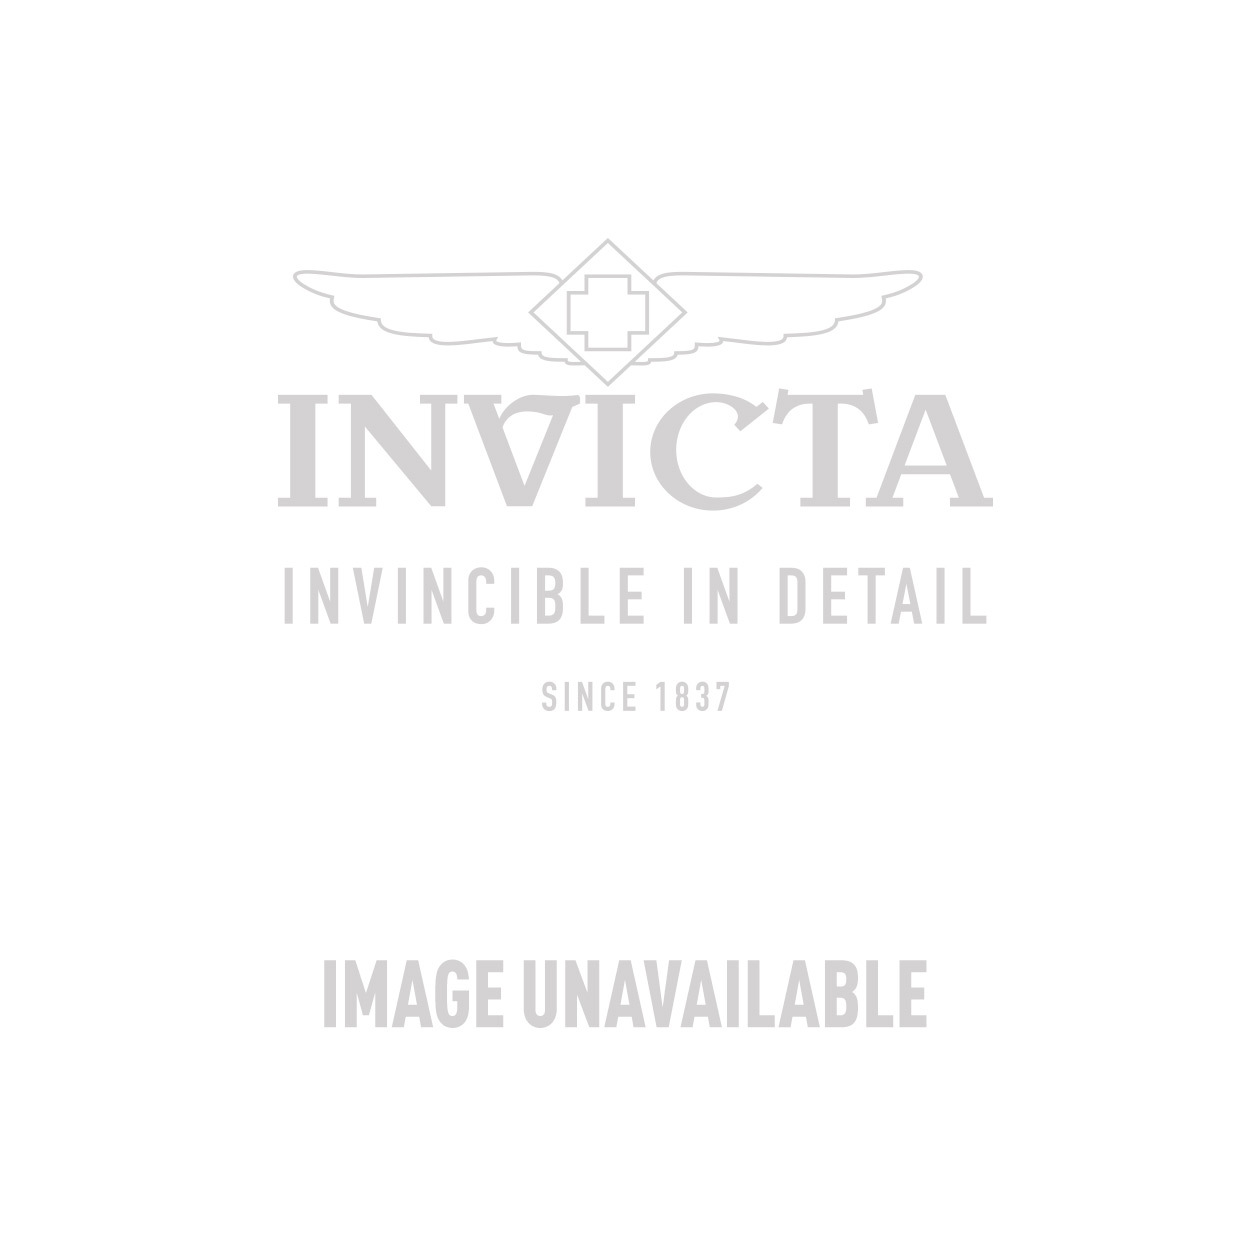 Invicta Model 27607